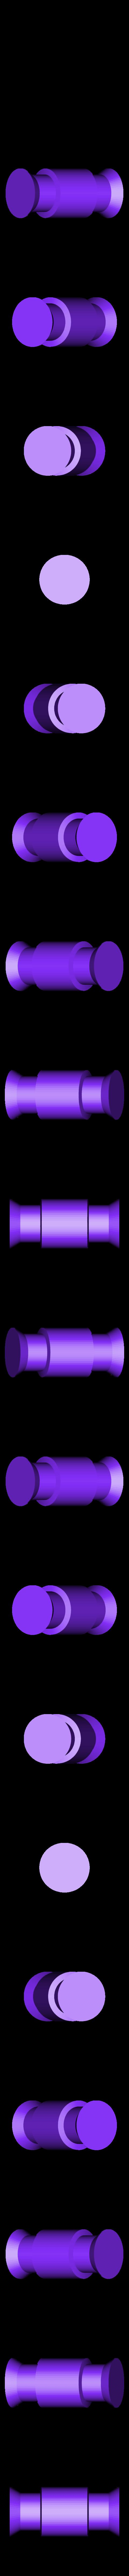 Shaft.stl Télécharger fichier STL gratuit Adaptateur porte-bobine réglable pour SKF EXPLORER 6004-2RSH • Design à imprimer en 3D, Opossums